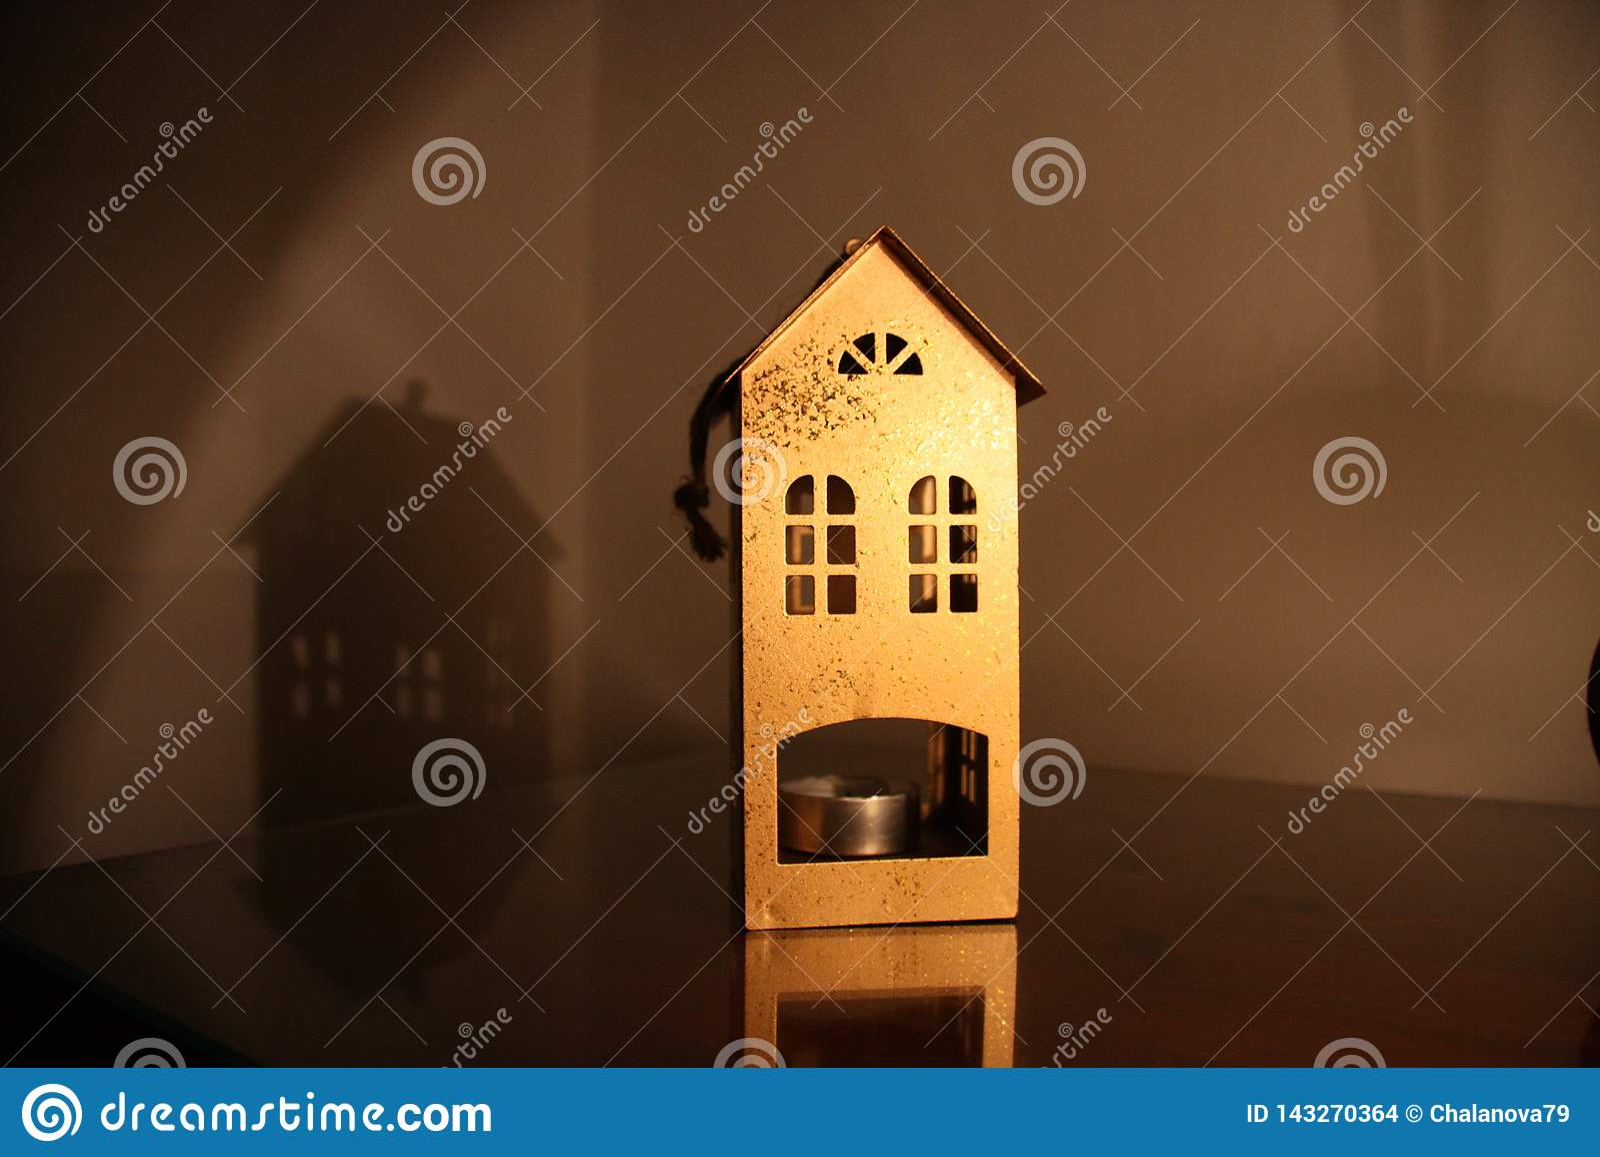 Металлический подсвечник в форме дома на таблице в темном вечере со светом лампы